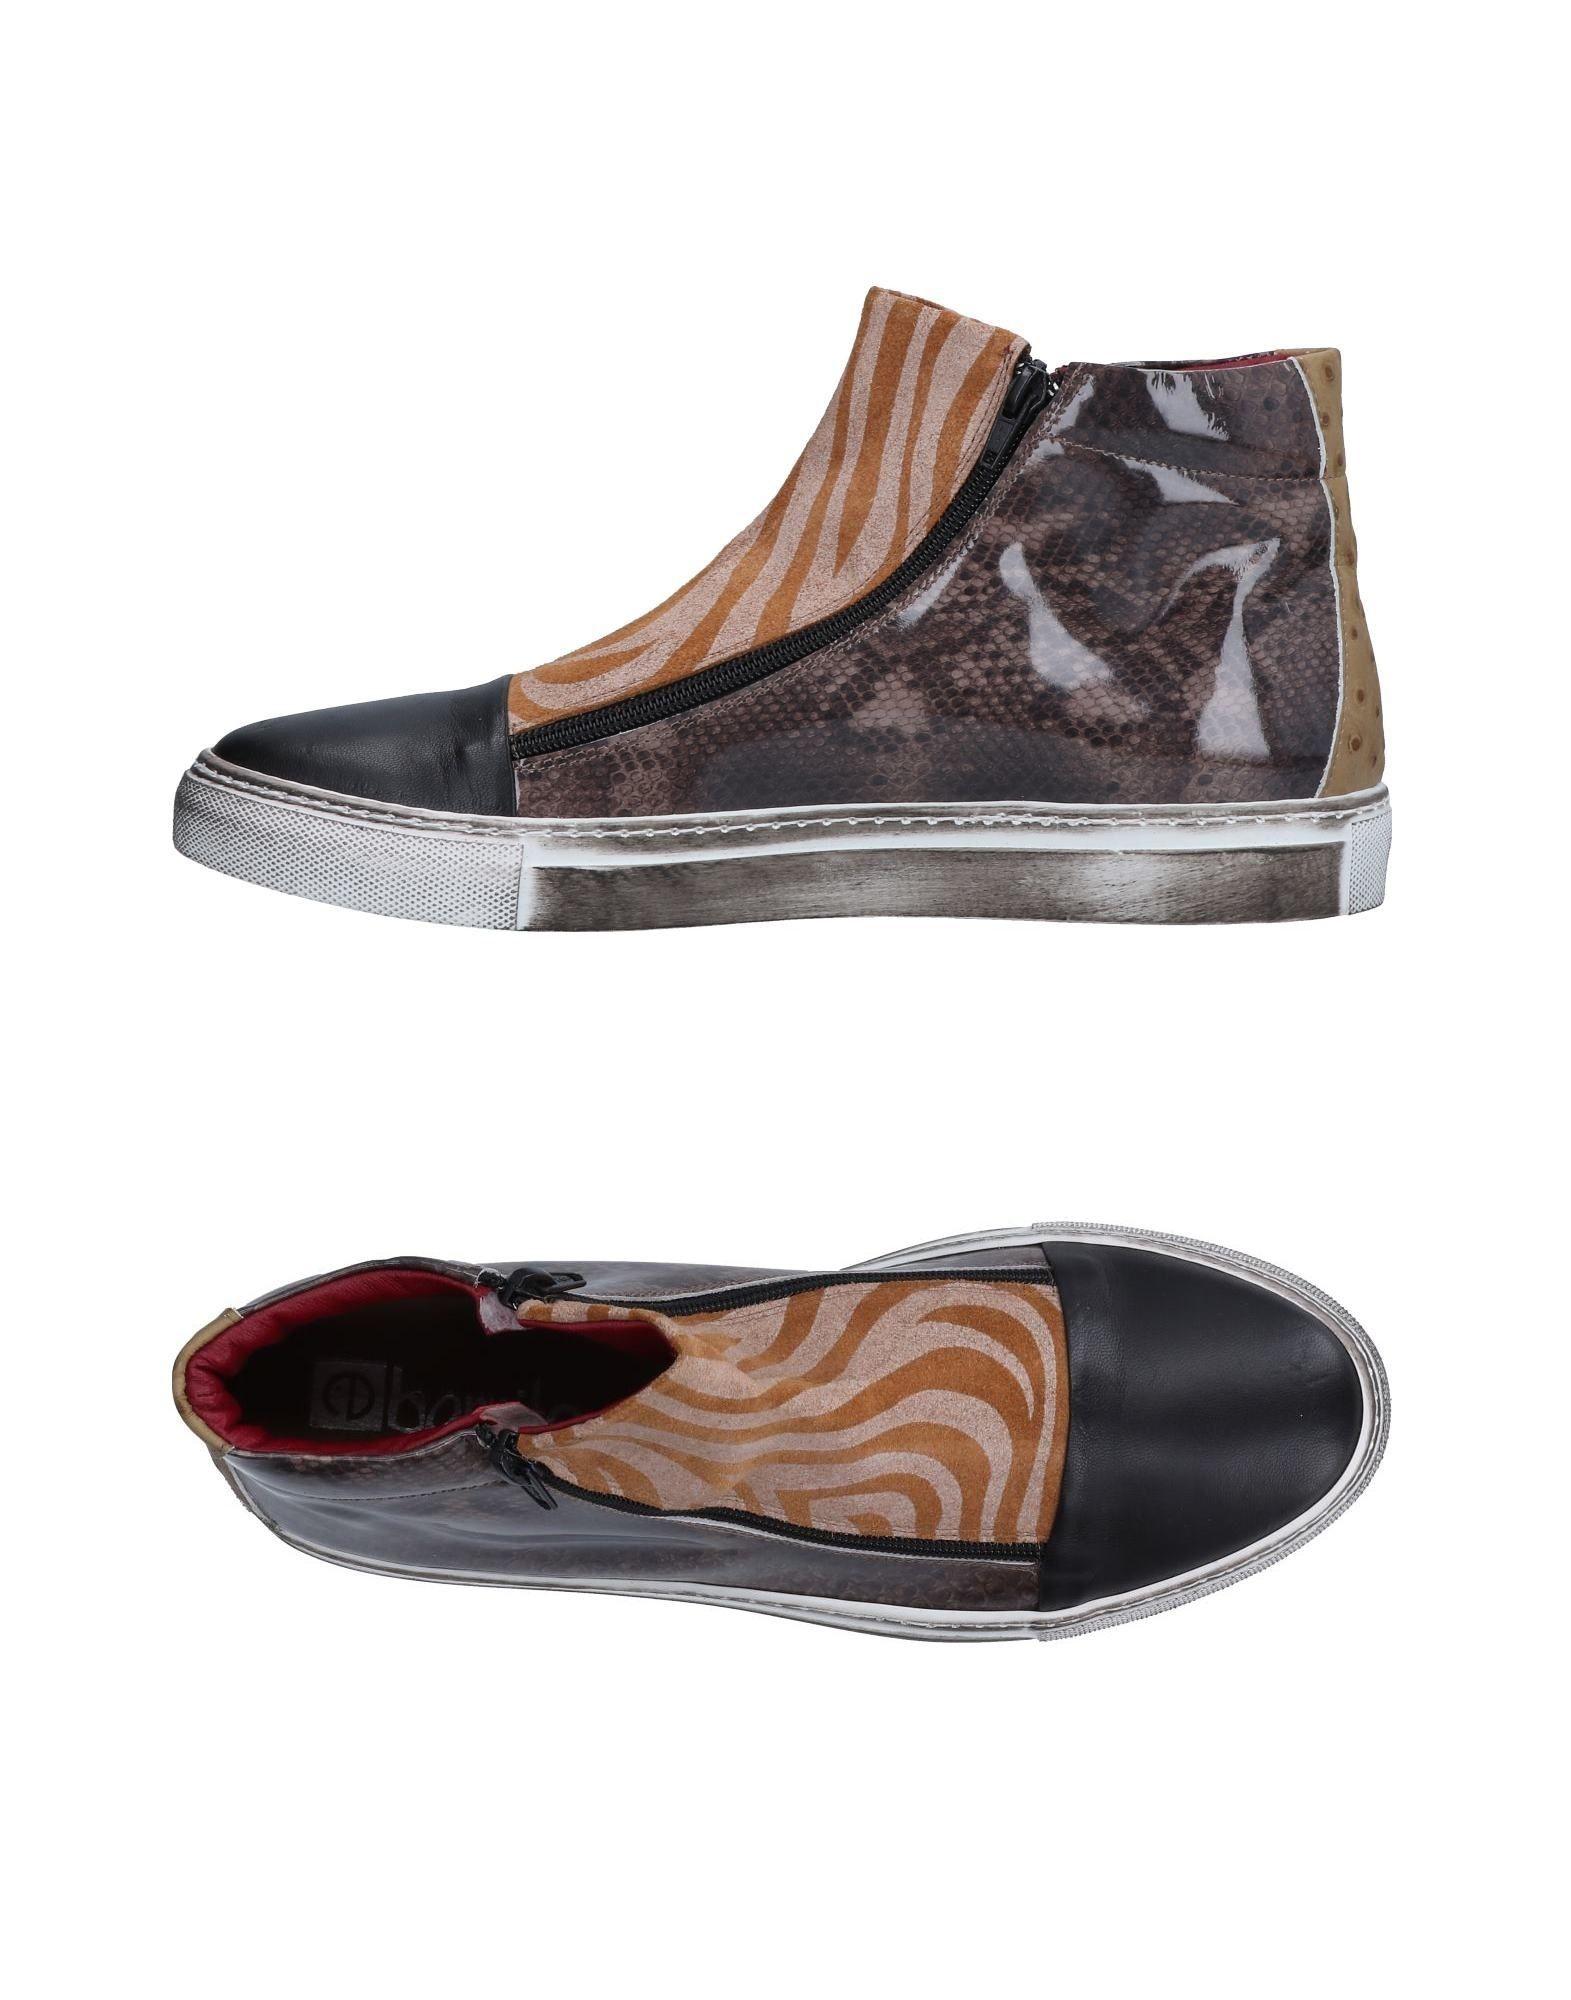 Rabatt echte Sneakers Schuhe Ebarrito Sneakers echte Herren  11521266QX 90789a